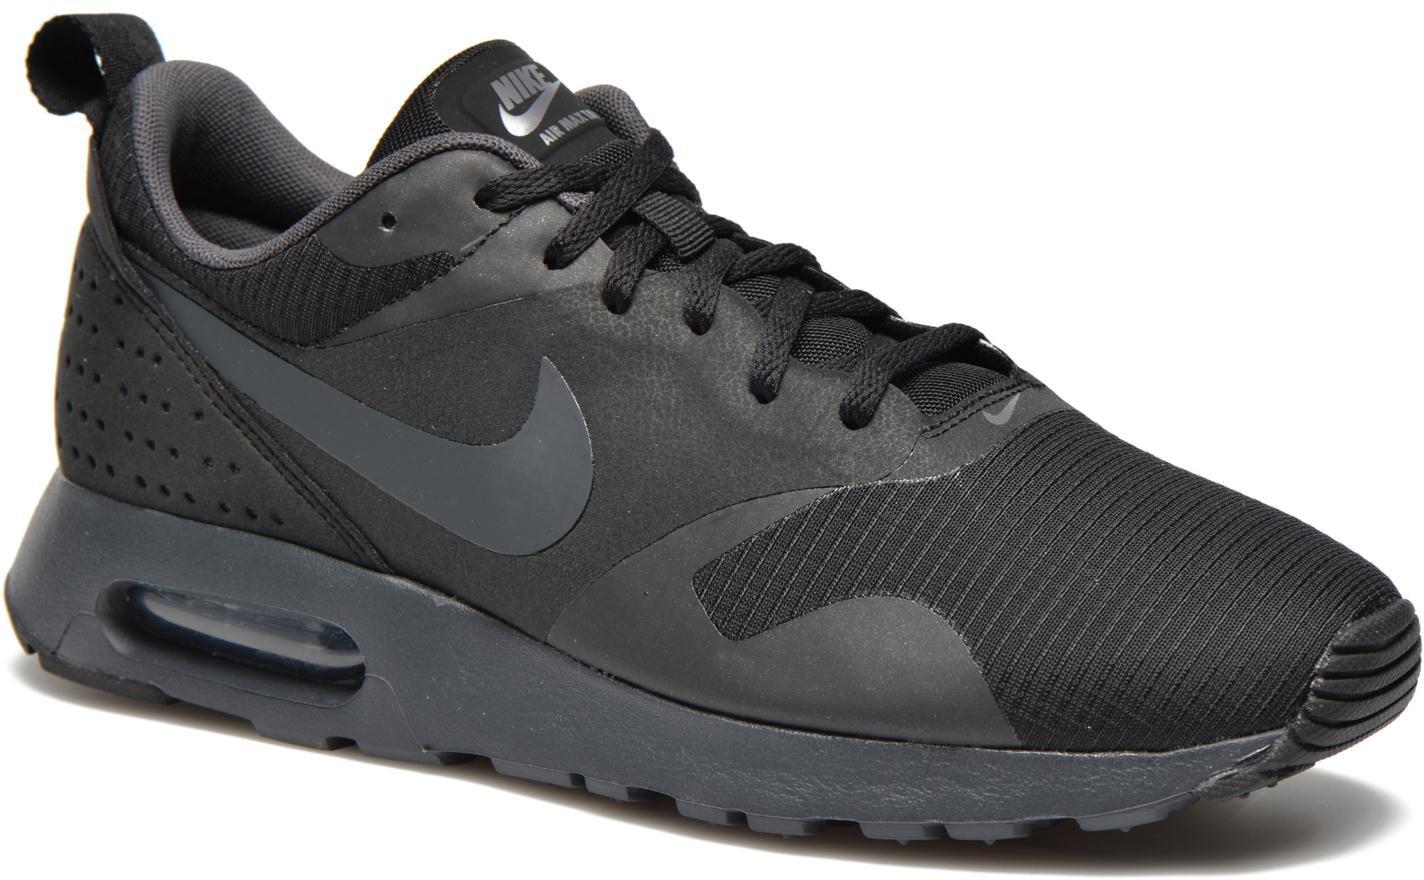 separation shoes d3a5a a5e0c Nike Air Max Tavas black anthracite schon ab 69,99 € bestellen